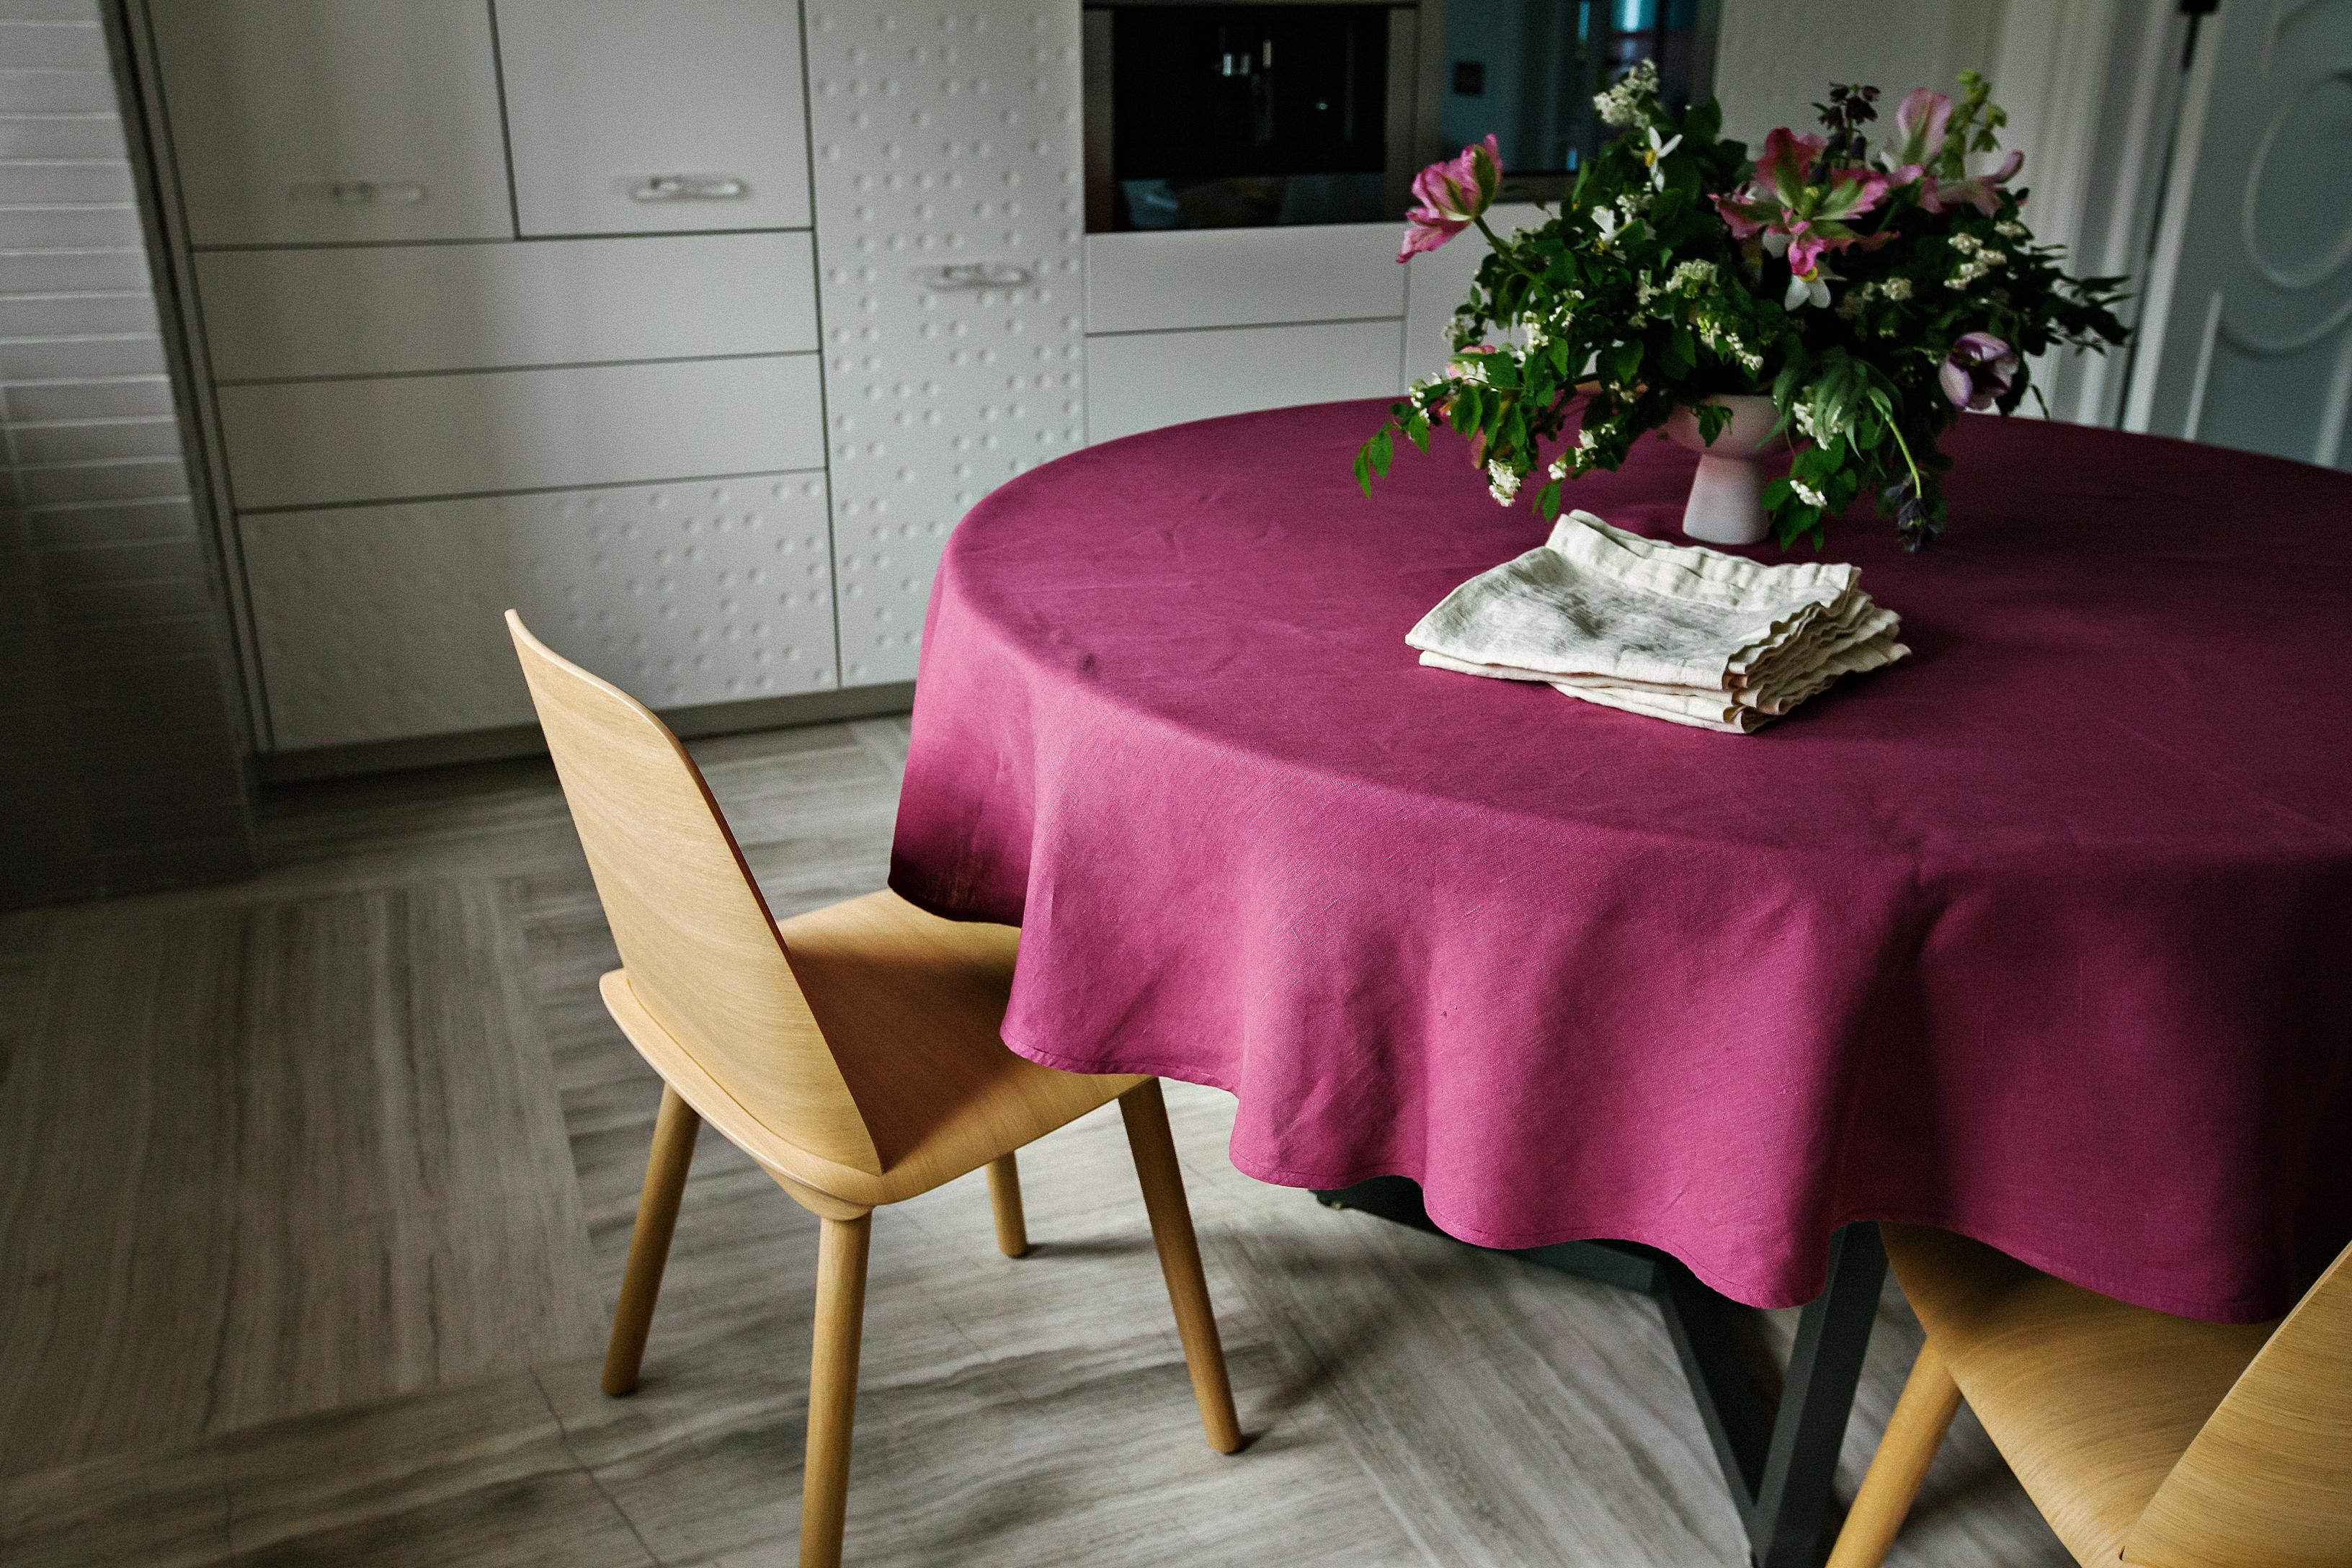 Круглая скатерть на столе